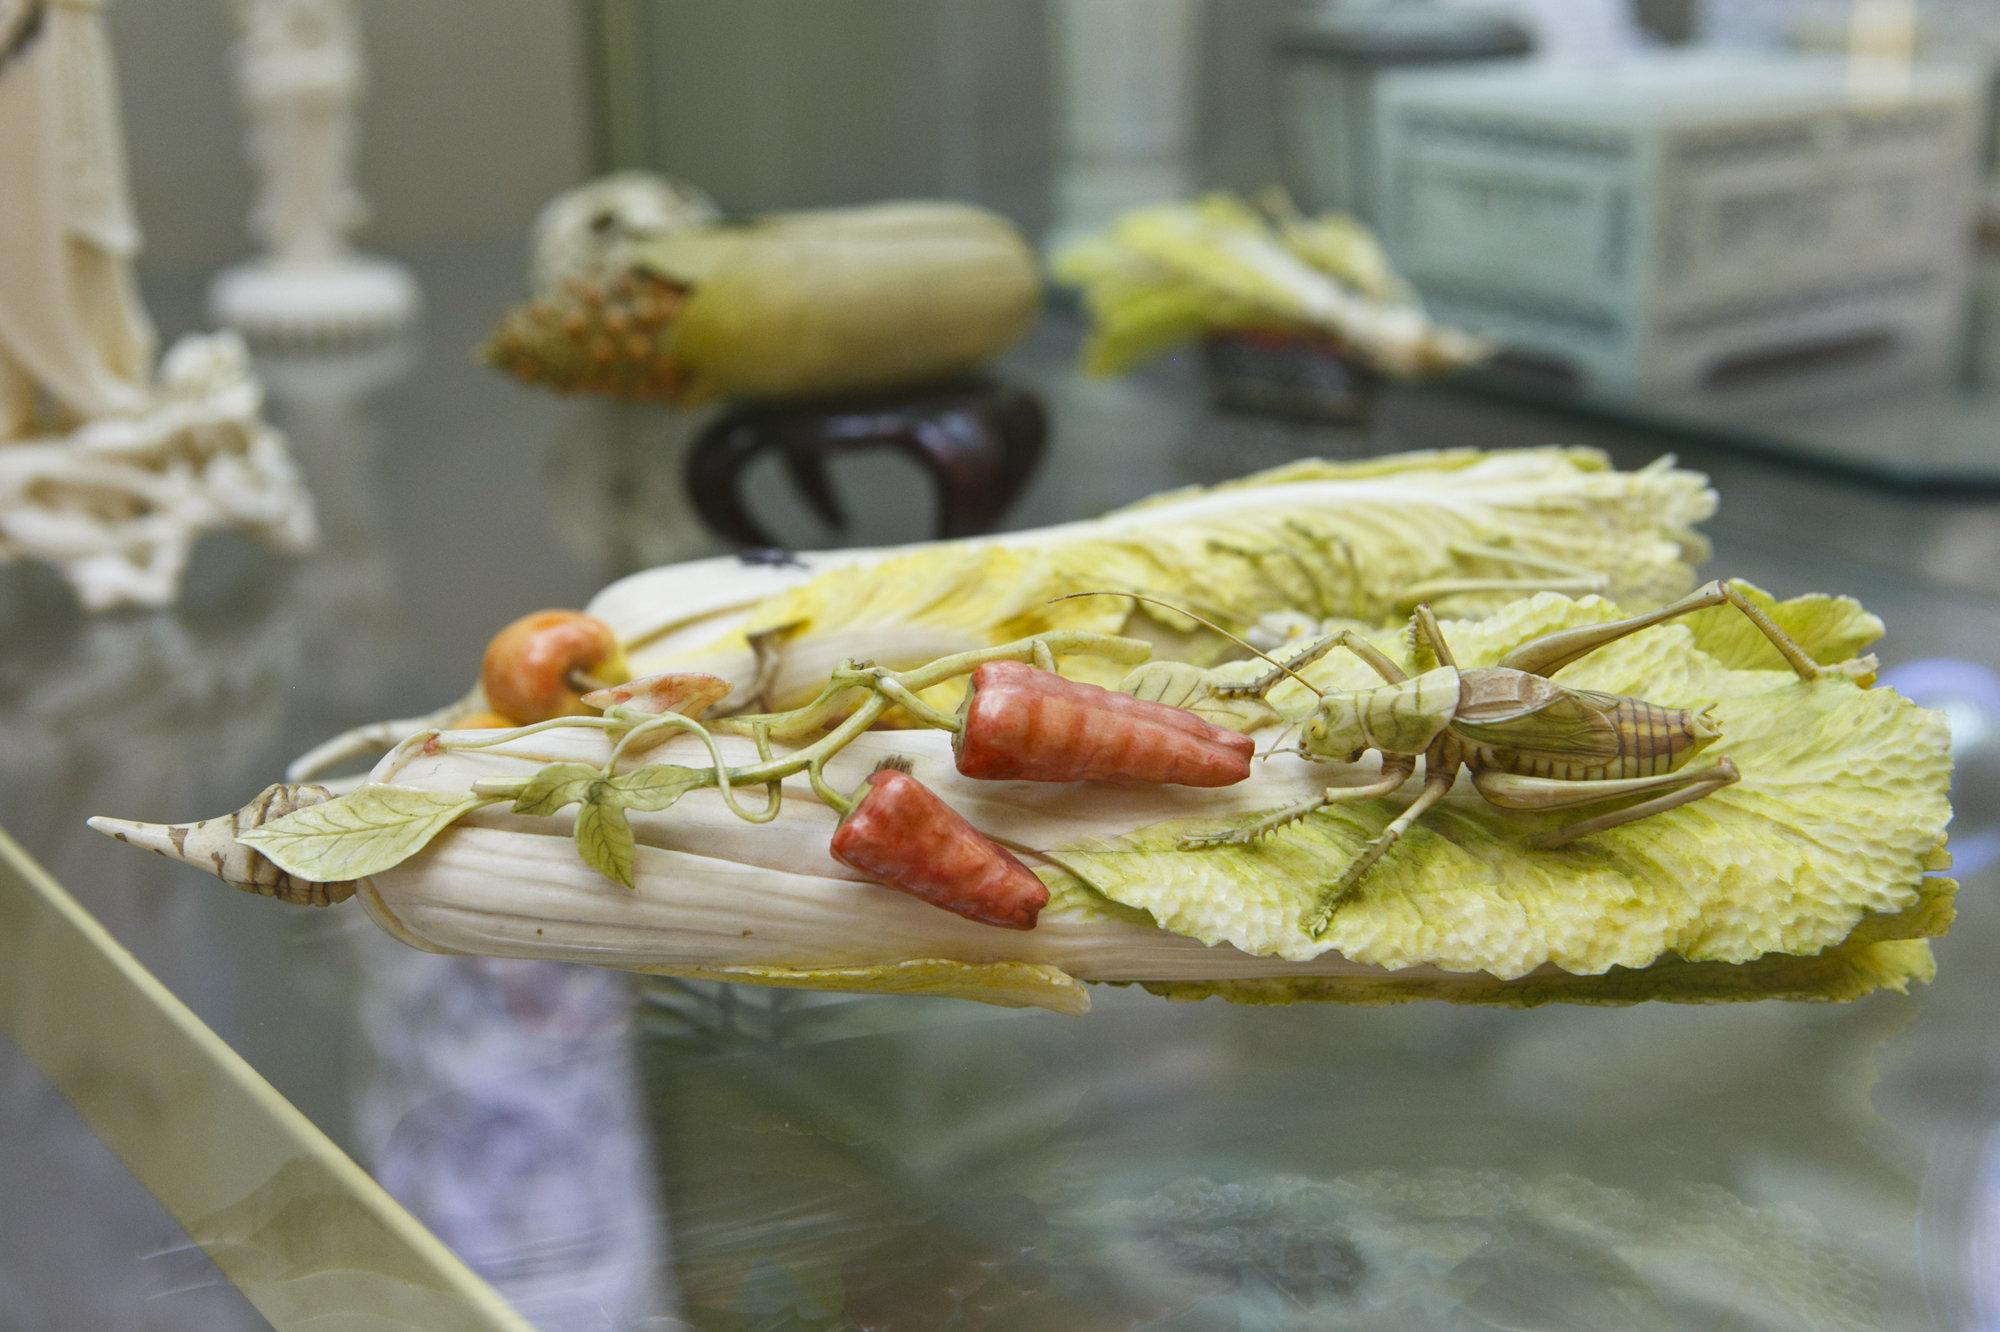 白菜上的蚂蚱 -- 北京师范大学师生赠给斯大林的礼物